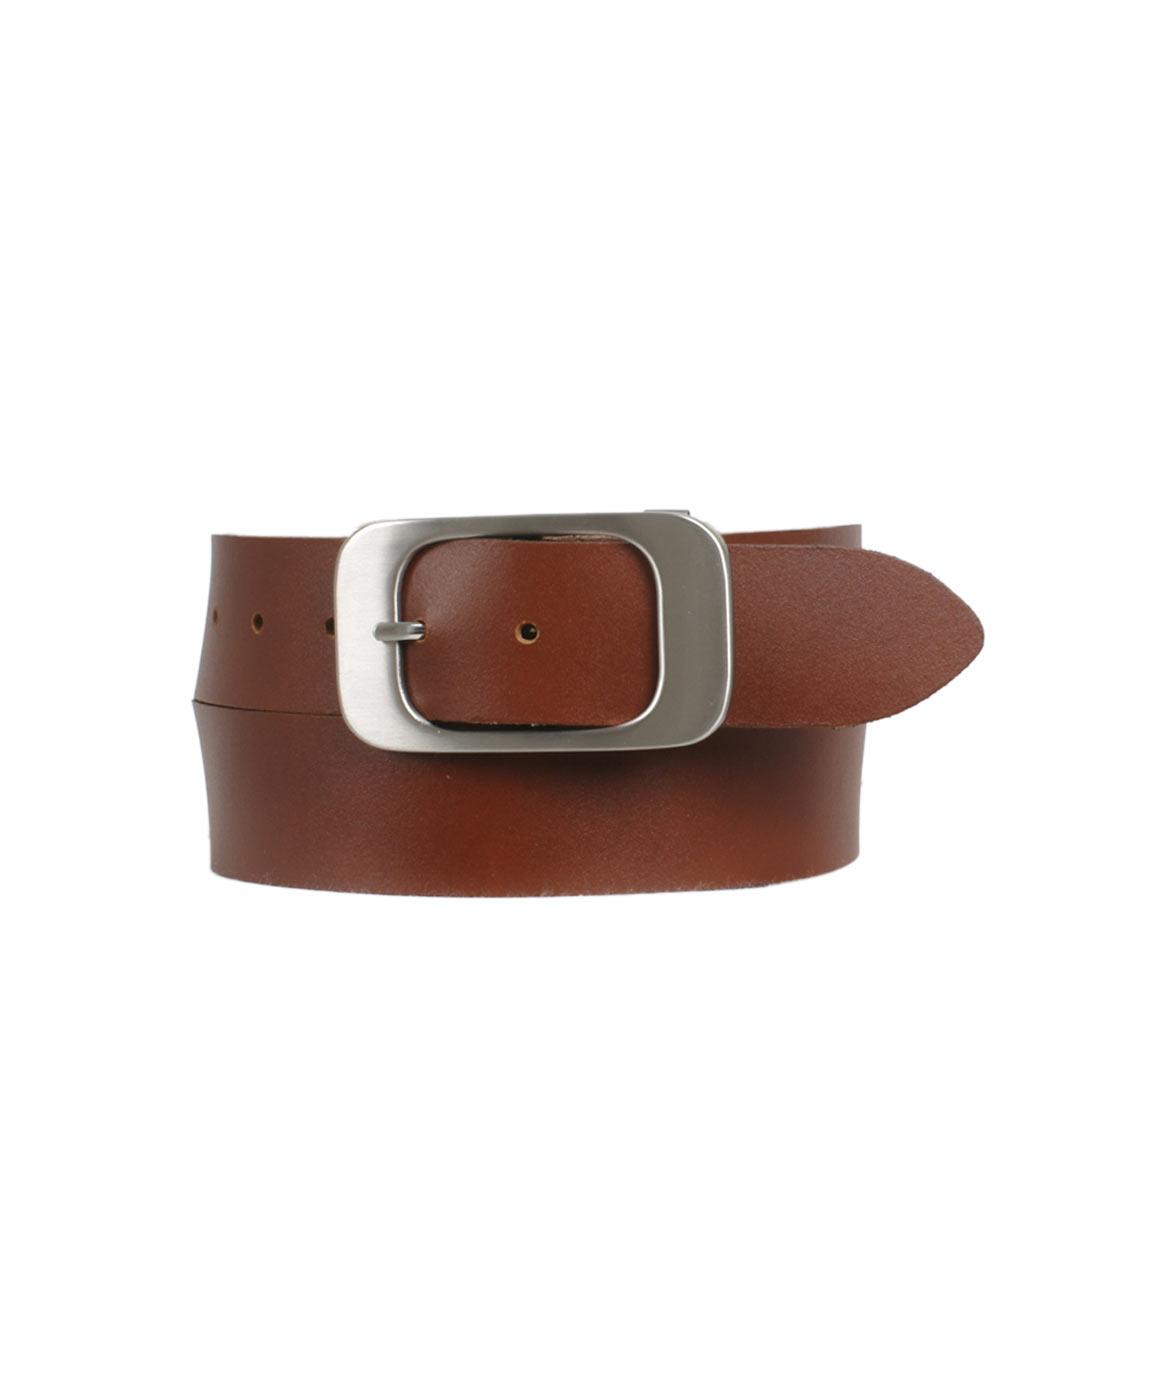 Guertel - Bernd Götz Hüftgürtel Damen 4cm Softledergürtel in Cognac  - Onlineshop Jeans Meile